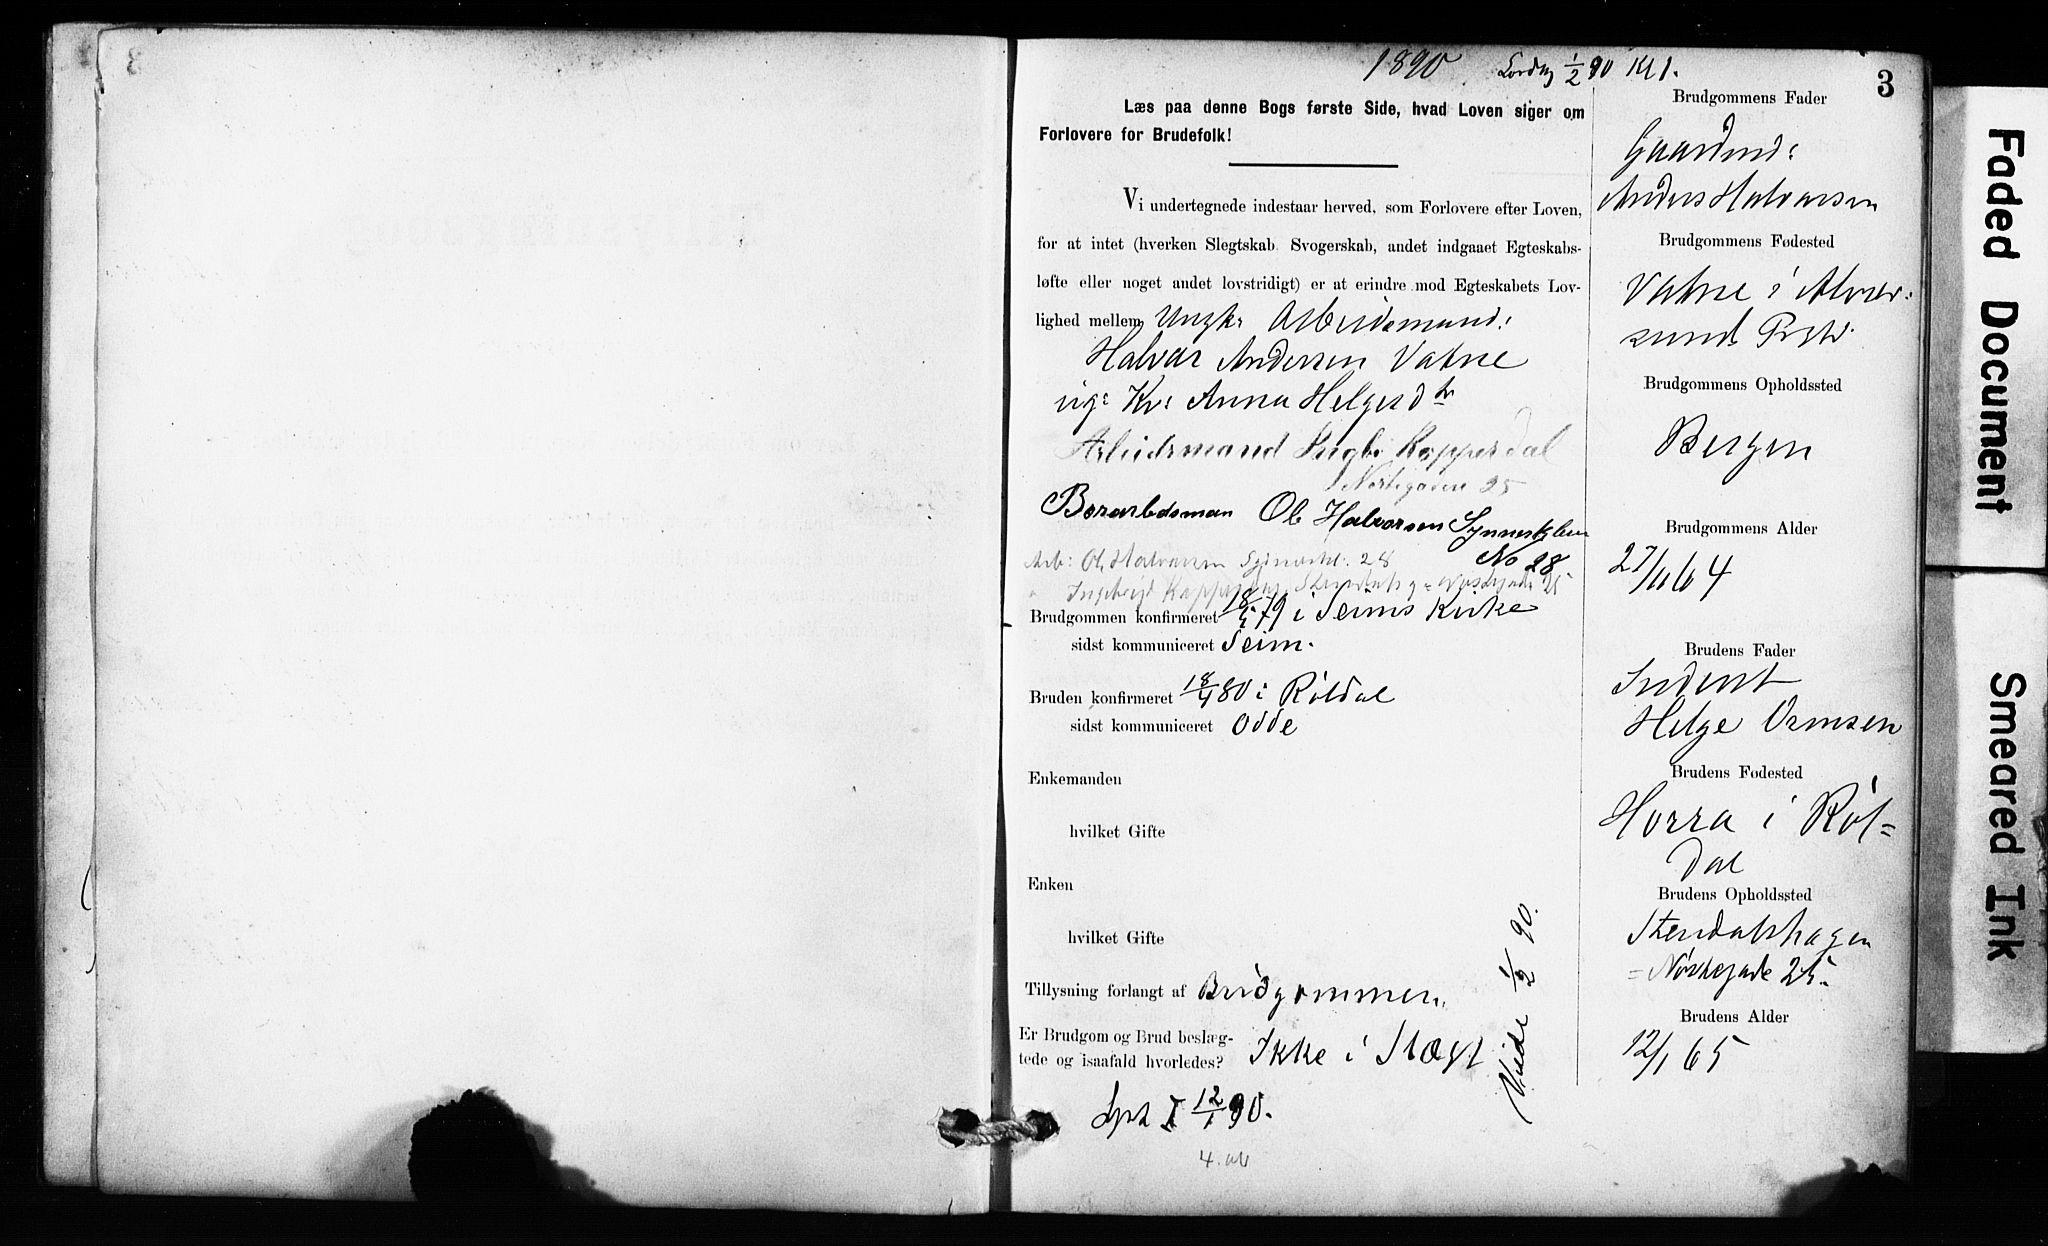 SAB, Domkirken Sokneprestembete, Forlovererklæringer nr. II.5.10, 1890-1899, s. 3